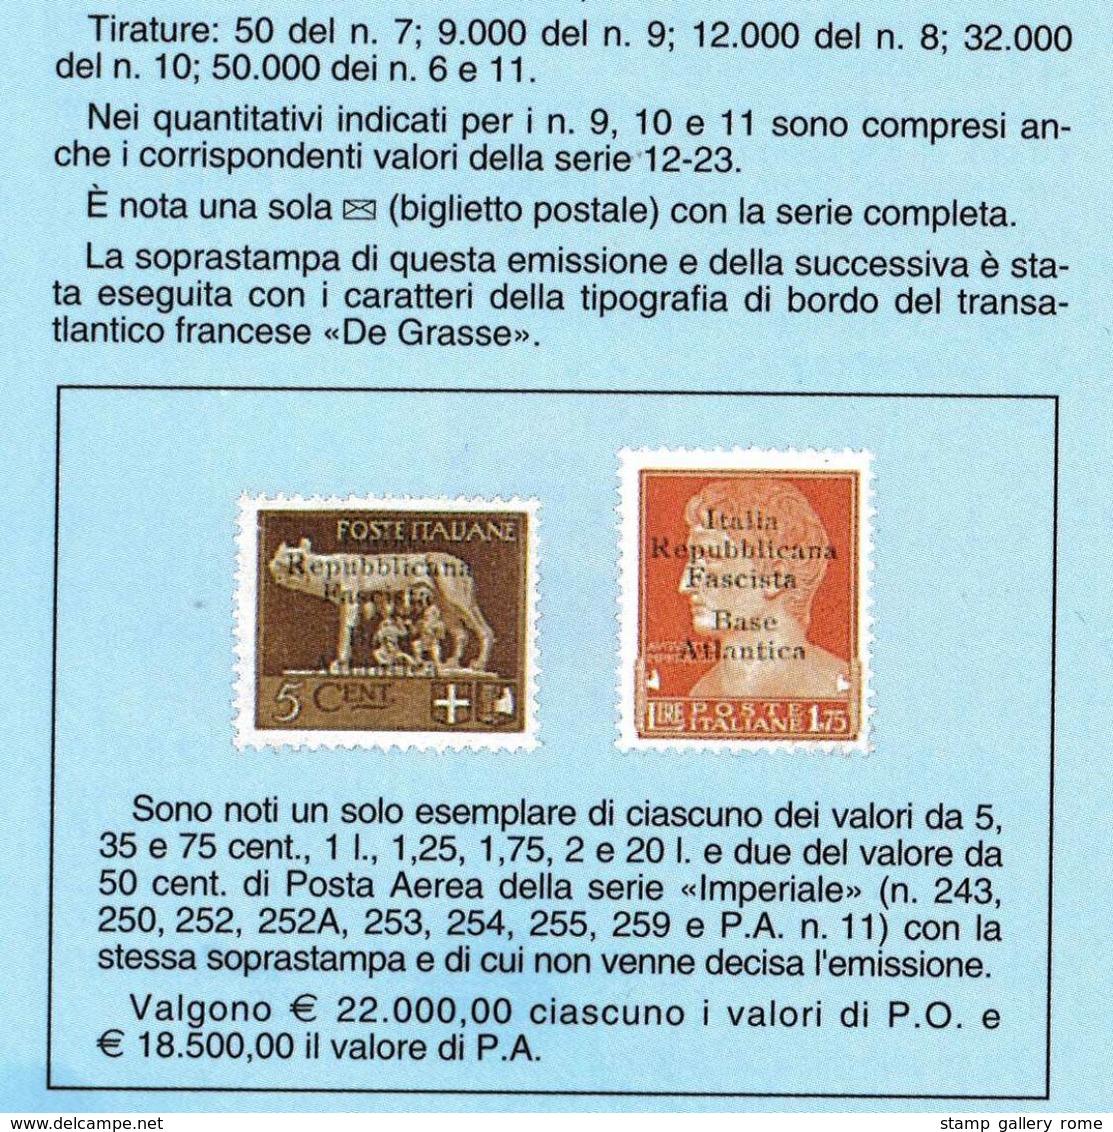 Repubblica Sociale BASE ATLANTICA  ANNO 1943 - POSTA MILITARE LOTTO ORIGINALE RARISSIMO INTERESSANTE DA CERTIFICARE - 1944-45 République Sociale